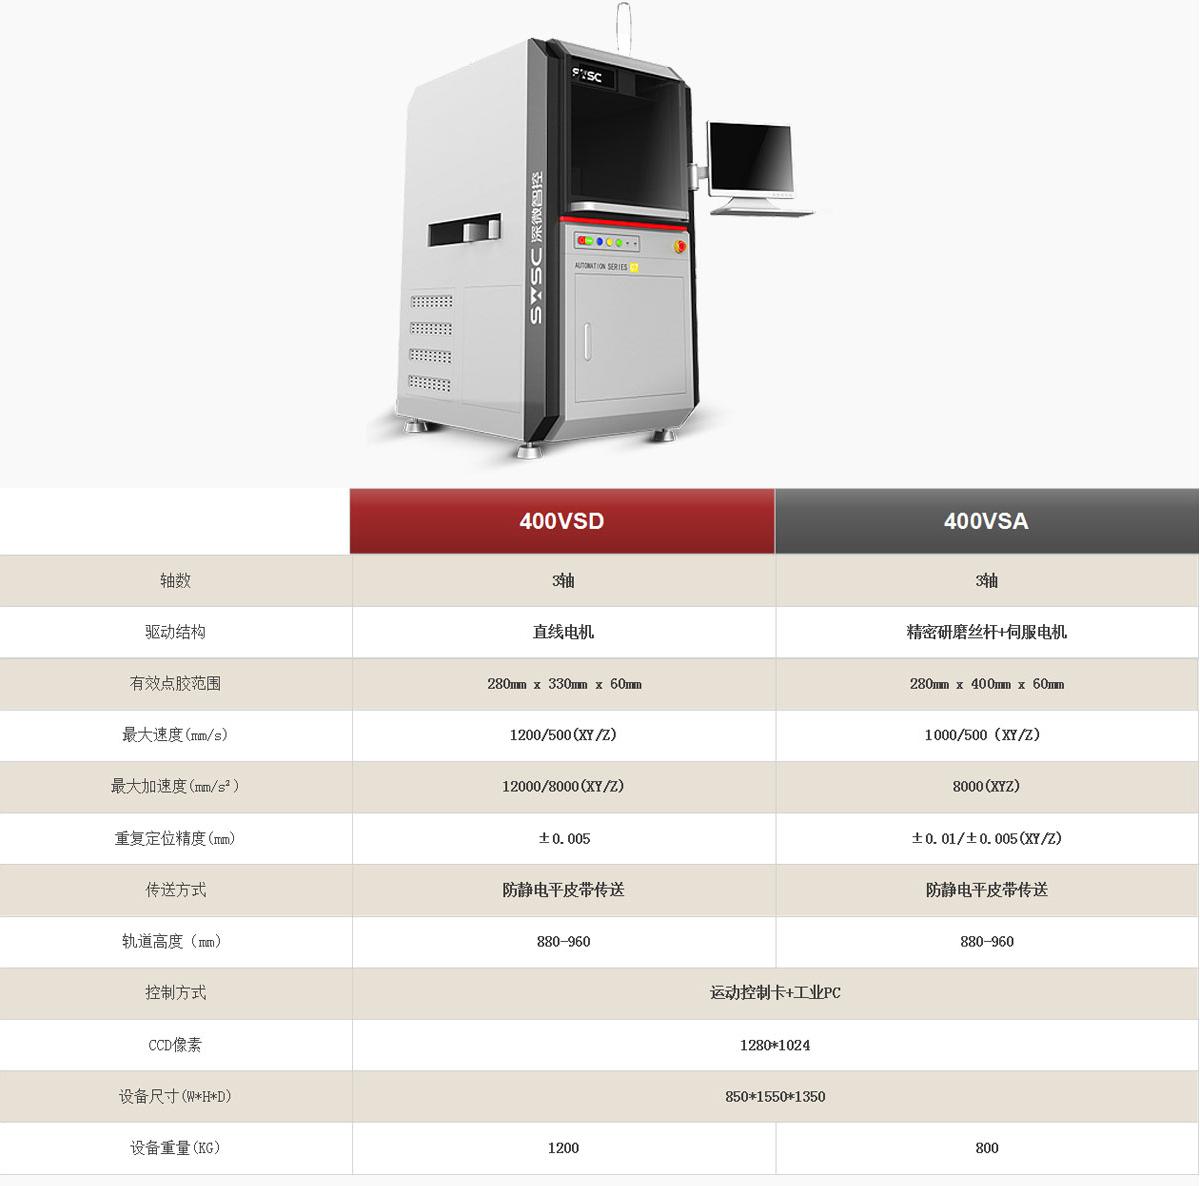 深微智控SWSC 400VSD/400VSA智能在线点胶机器人